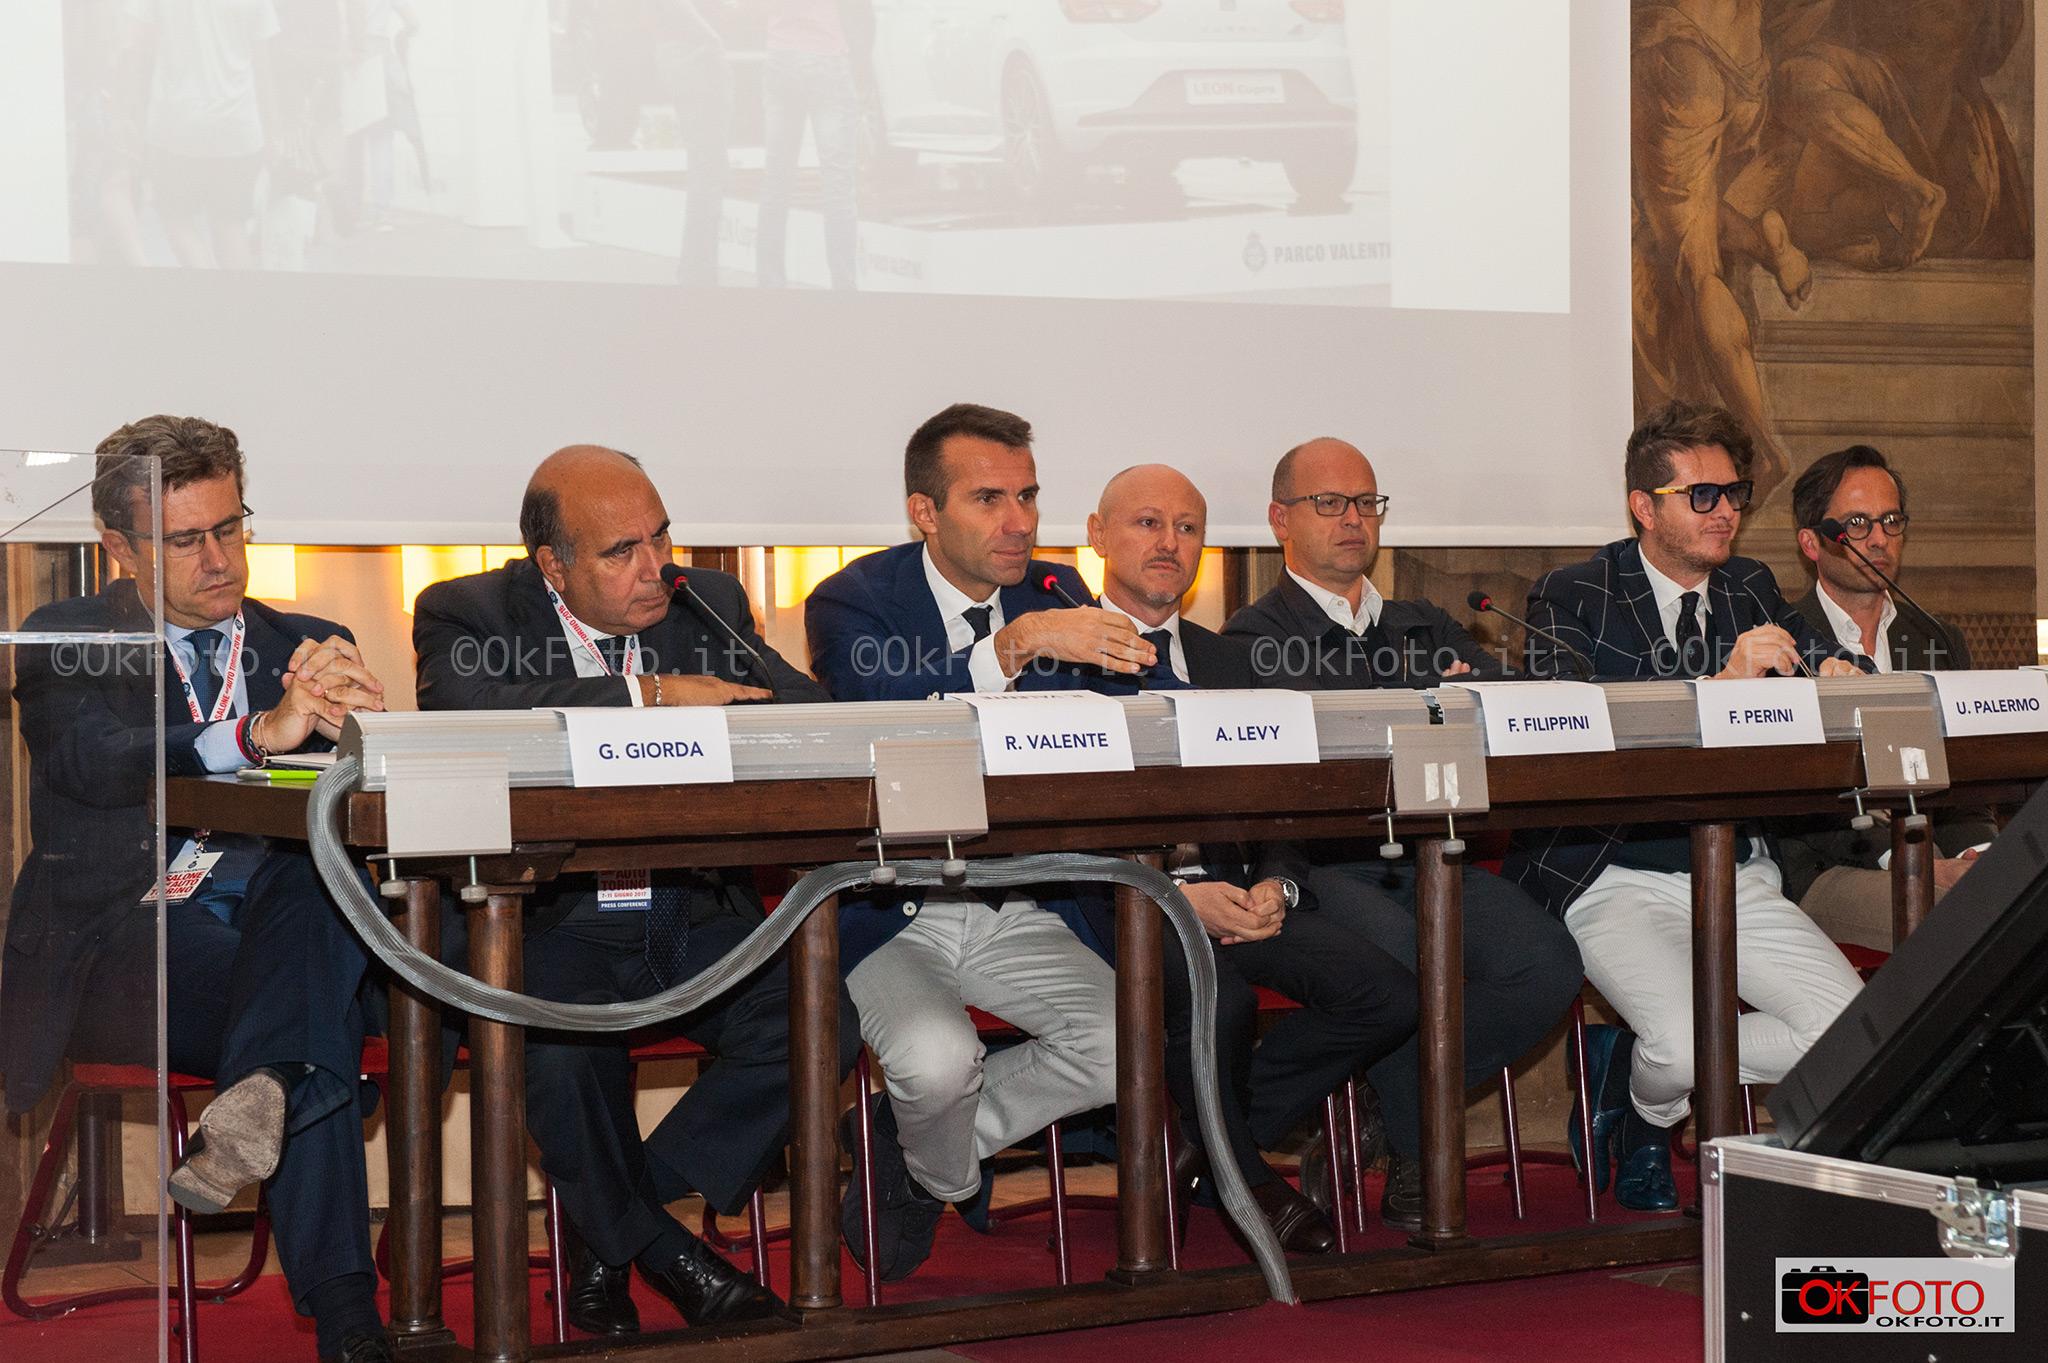 conferenza stampa di presentazione di Parco Valentino Salone dell'auto 2017